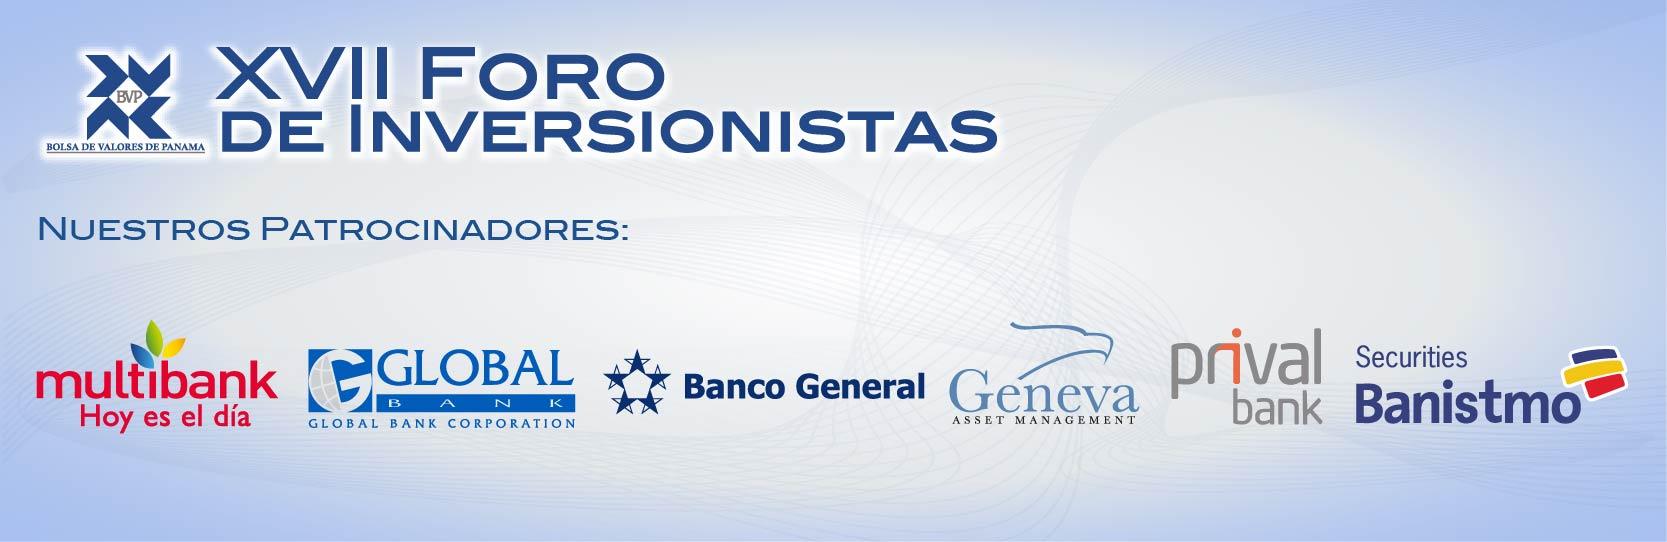 bannerPatroc-960x312-01